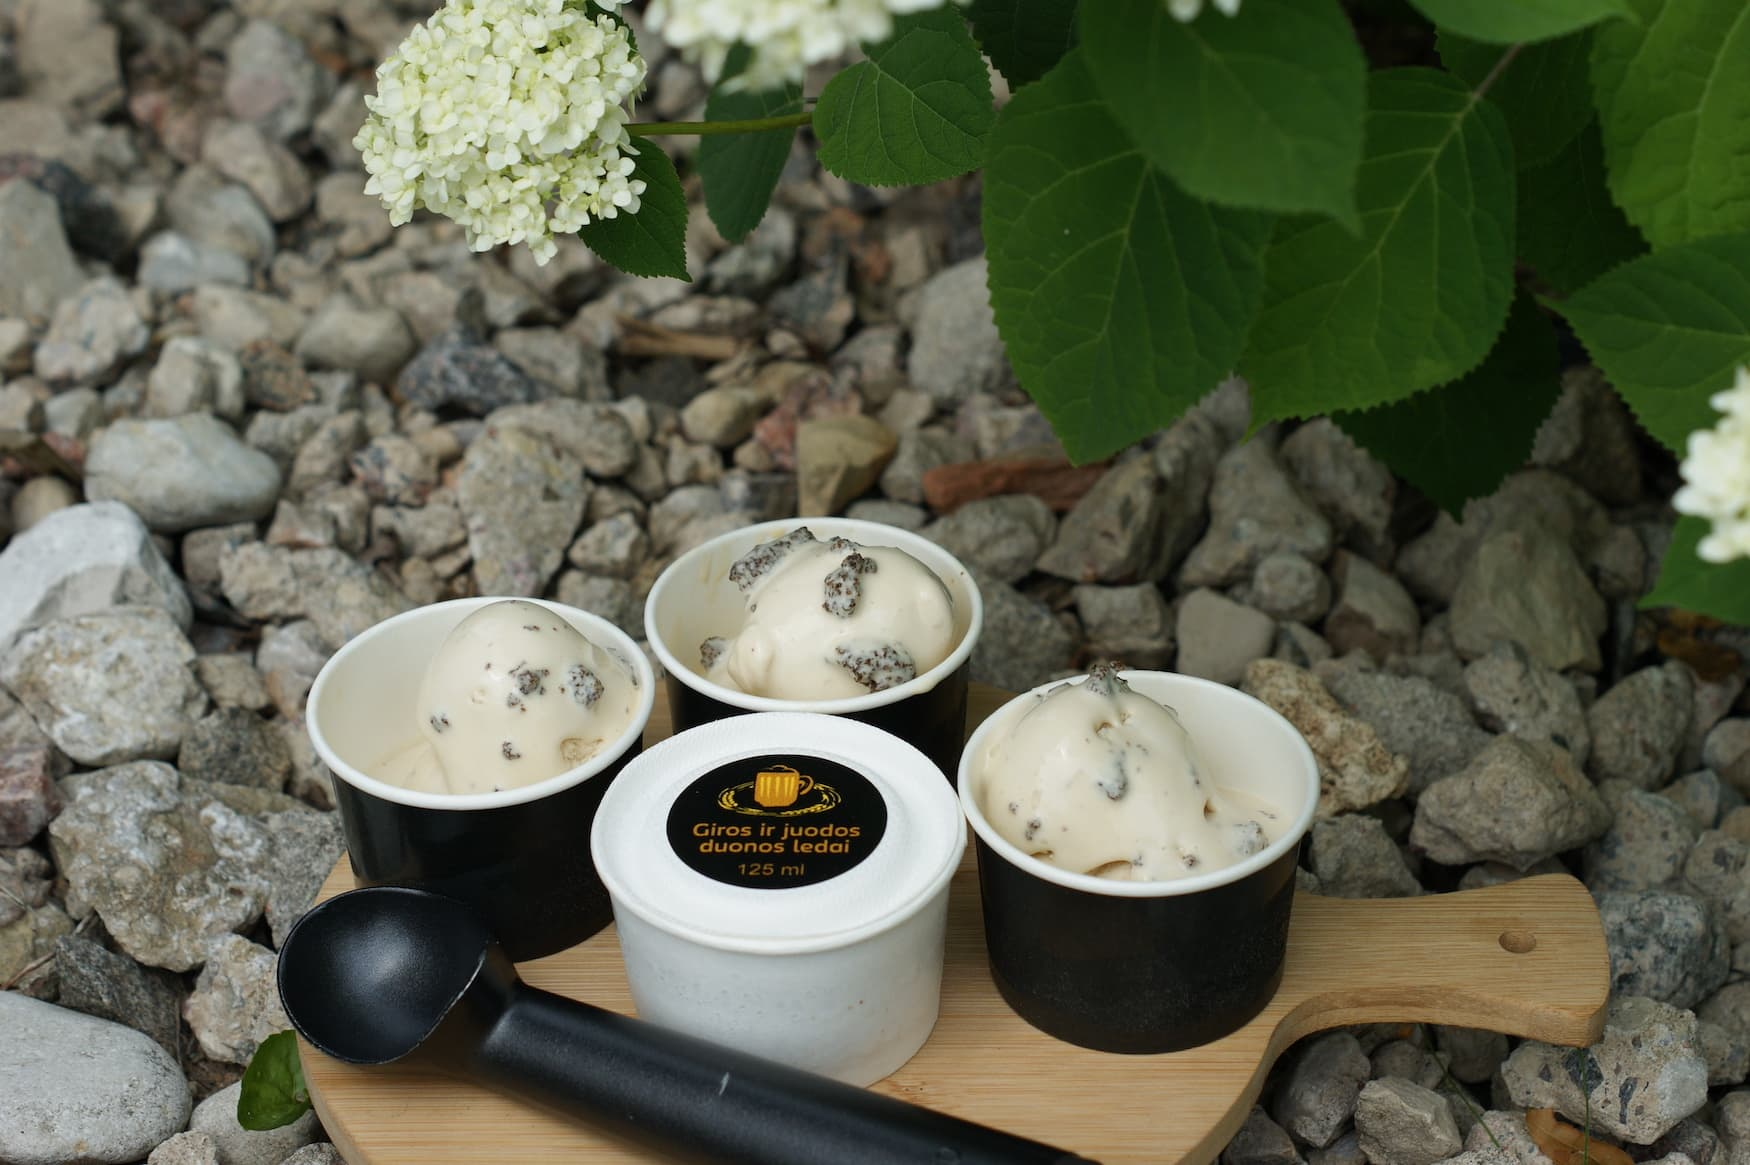 Schwarzbroteis ist eine weitere ausgefallene Eissorte aus Litauen